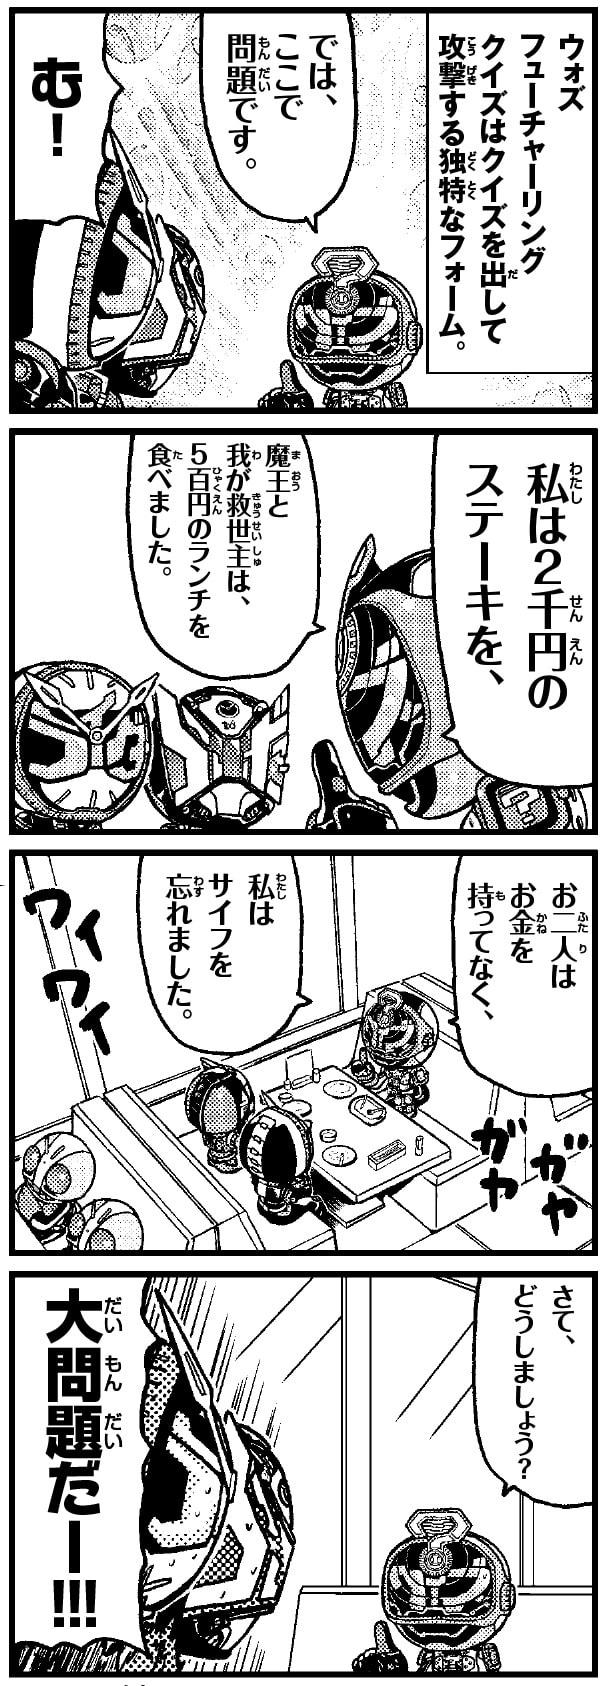 平成&昭和の仮面ライダー4コマ漫画『ガンバライジング!!』5:フューチャーリングクイズ!! 1コマ目